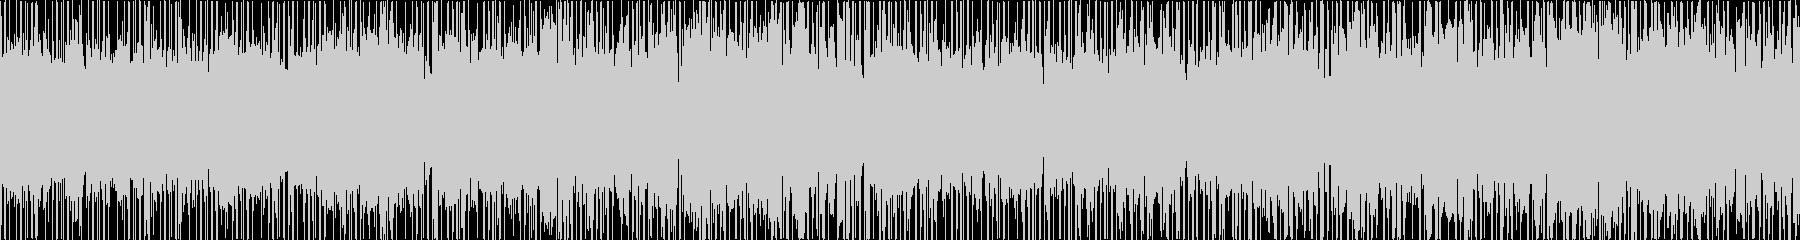 ゲームで使えるクールなチップチューンの未再生の波形